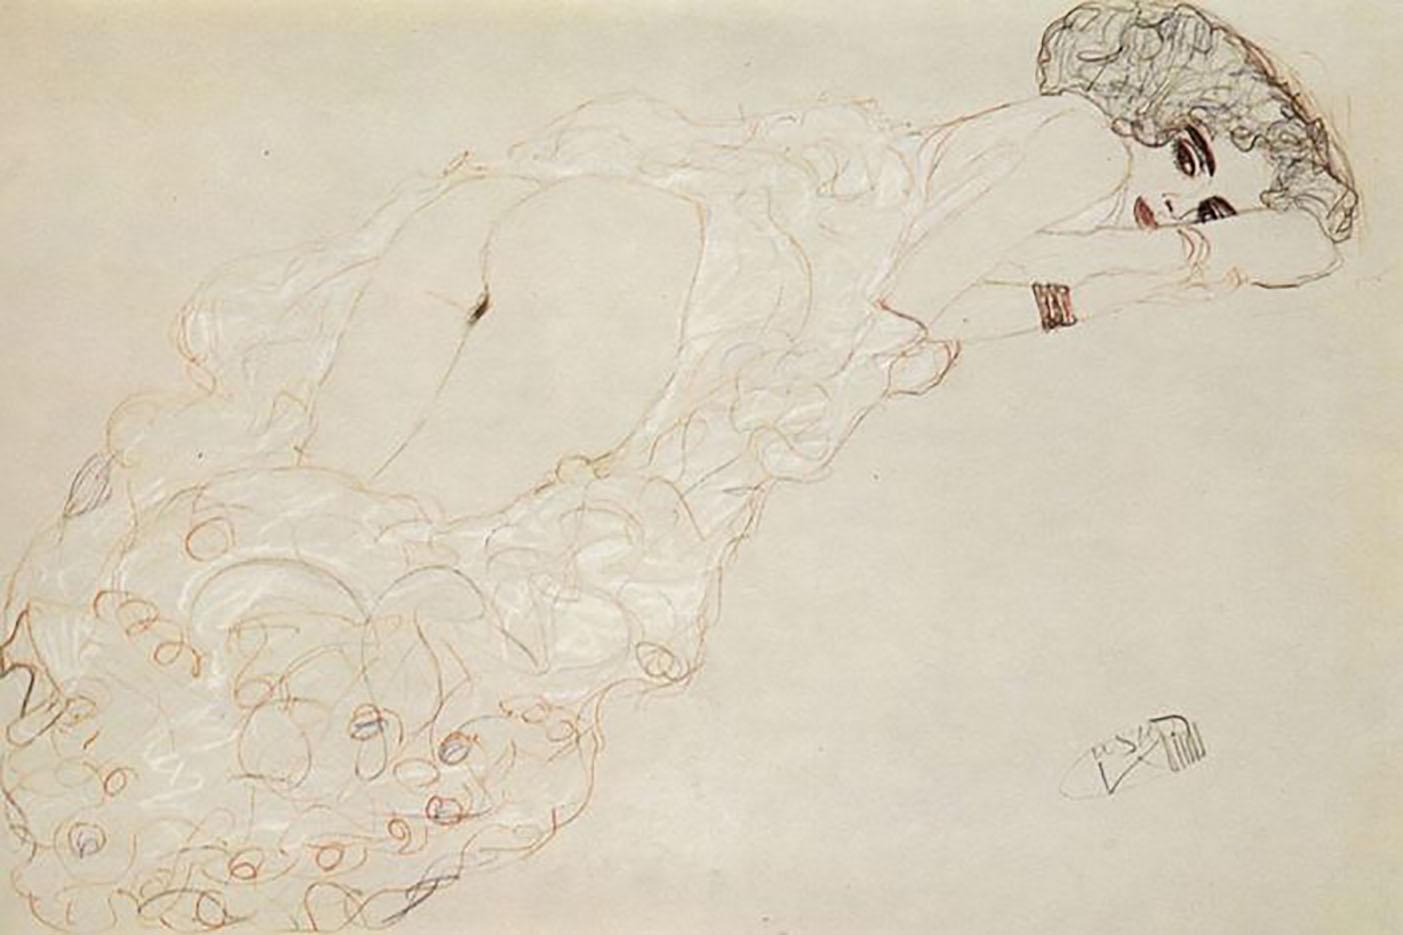 Густав Климт (Gustav Klimt) эскиз, Auf dem Bauch Liegende